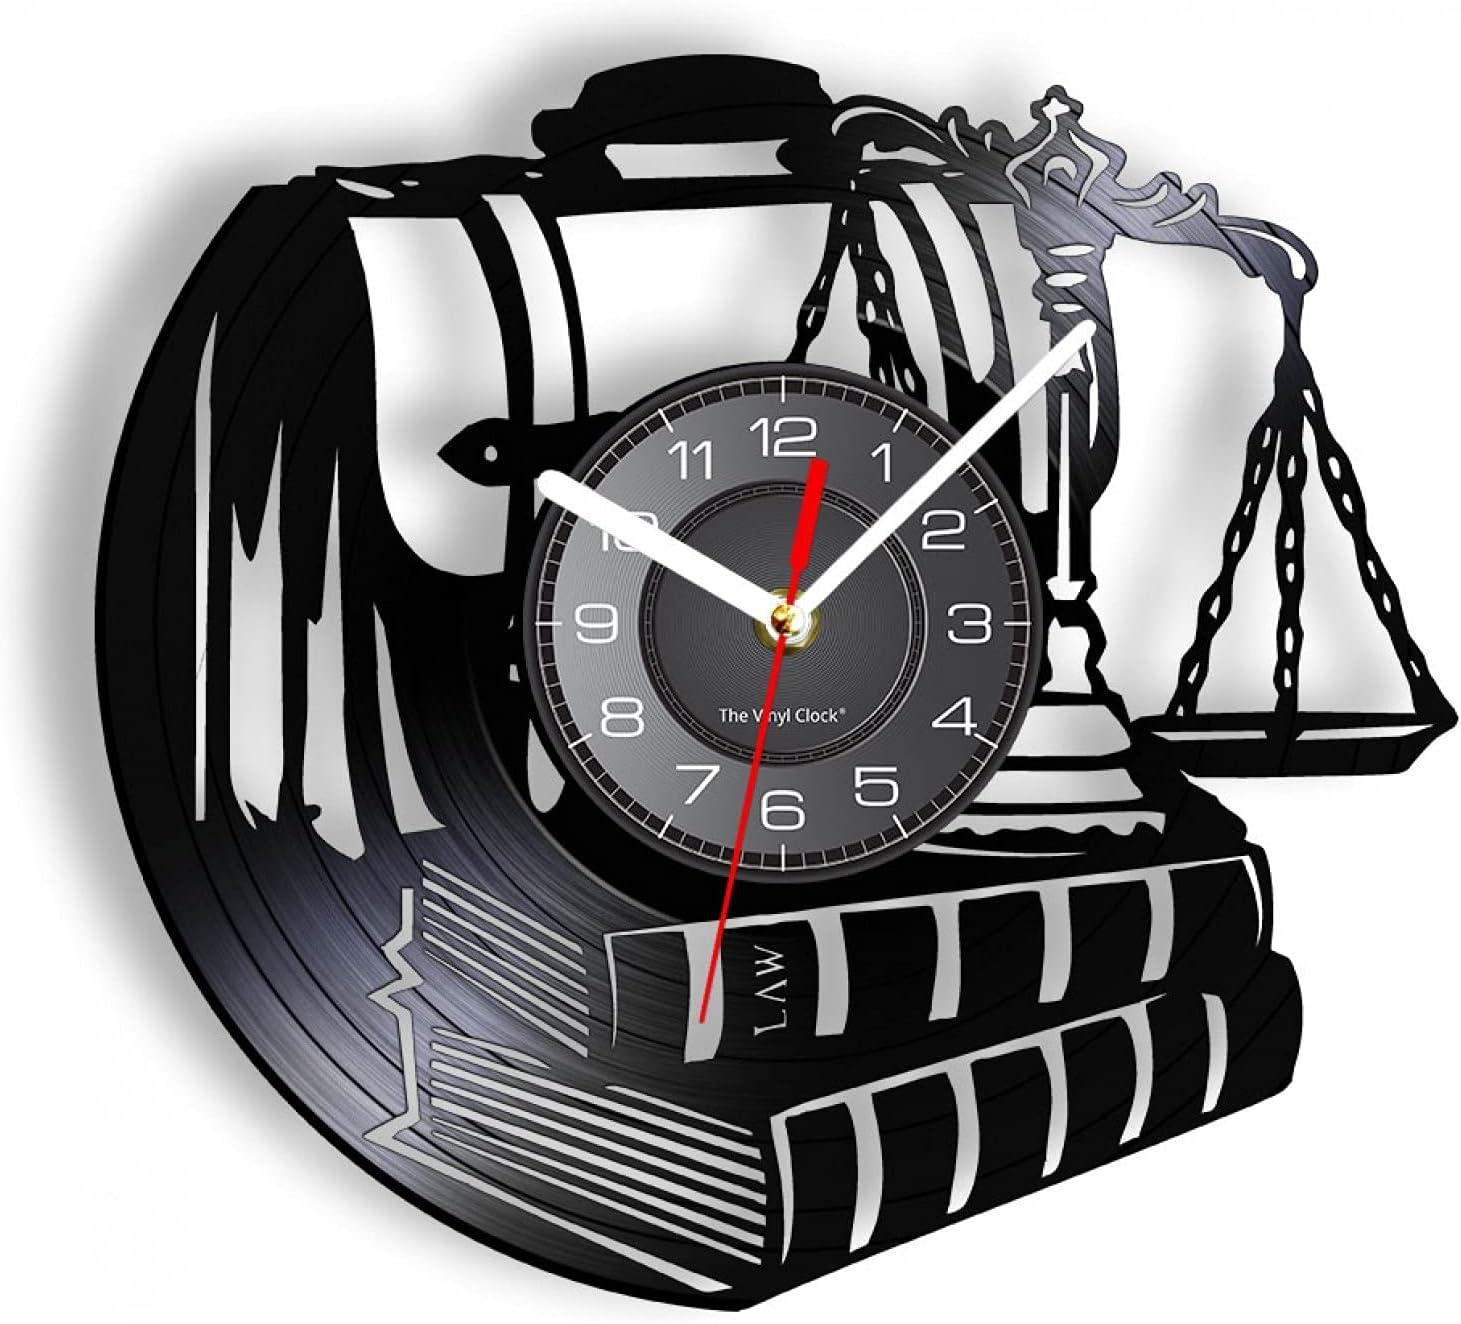 wwccy Abogado de la Justicia Reloj de Pared Hecho de Disco de Vinilo Real Libro de leyes Maletín Balance Vintage Reloj de Pared Iluminado Regalo para Abogados